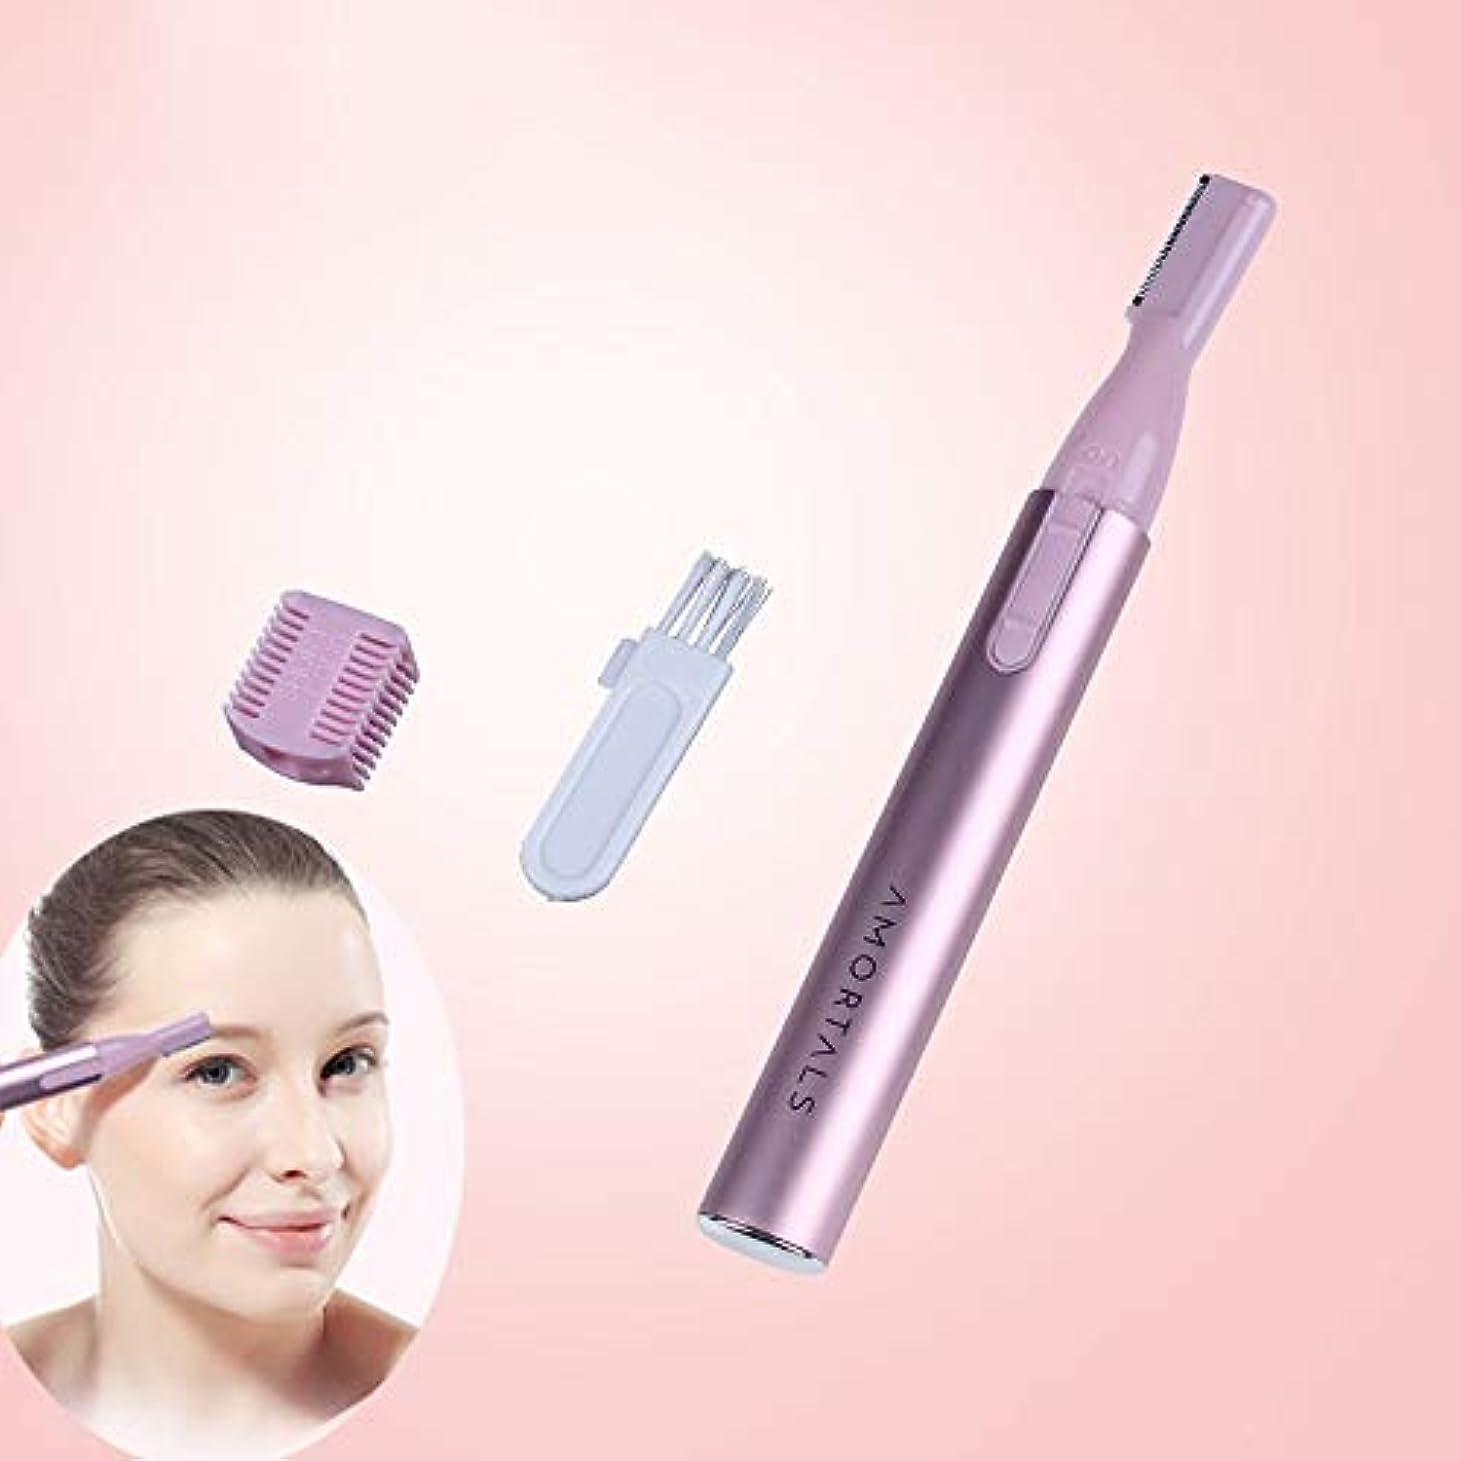 血まみれ政治的目的脇の下/足/体/髪の女性の顔のトリマーのための携帯用電動眉毛トリマー、(電池式) (Color : Pink)